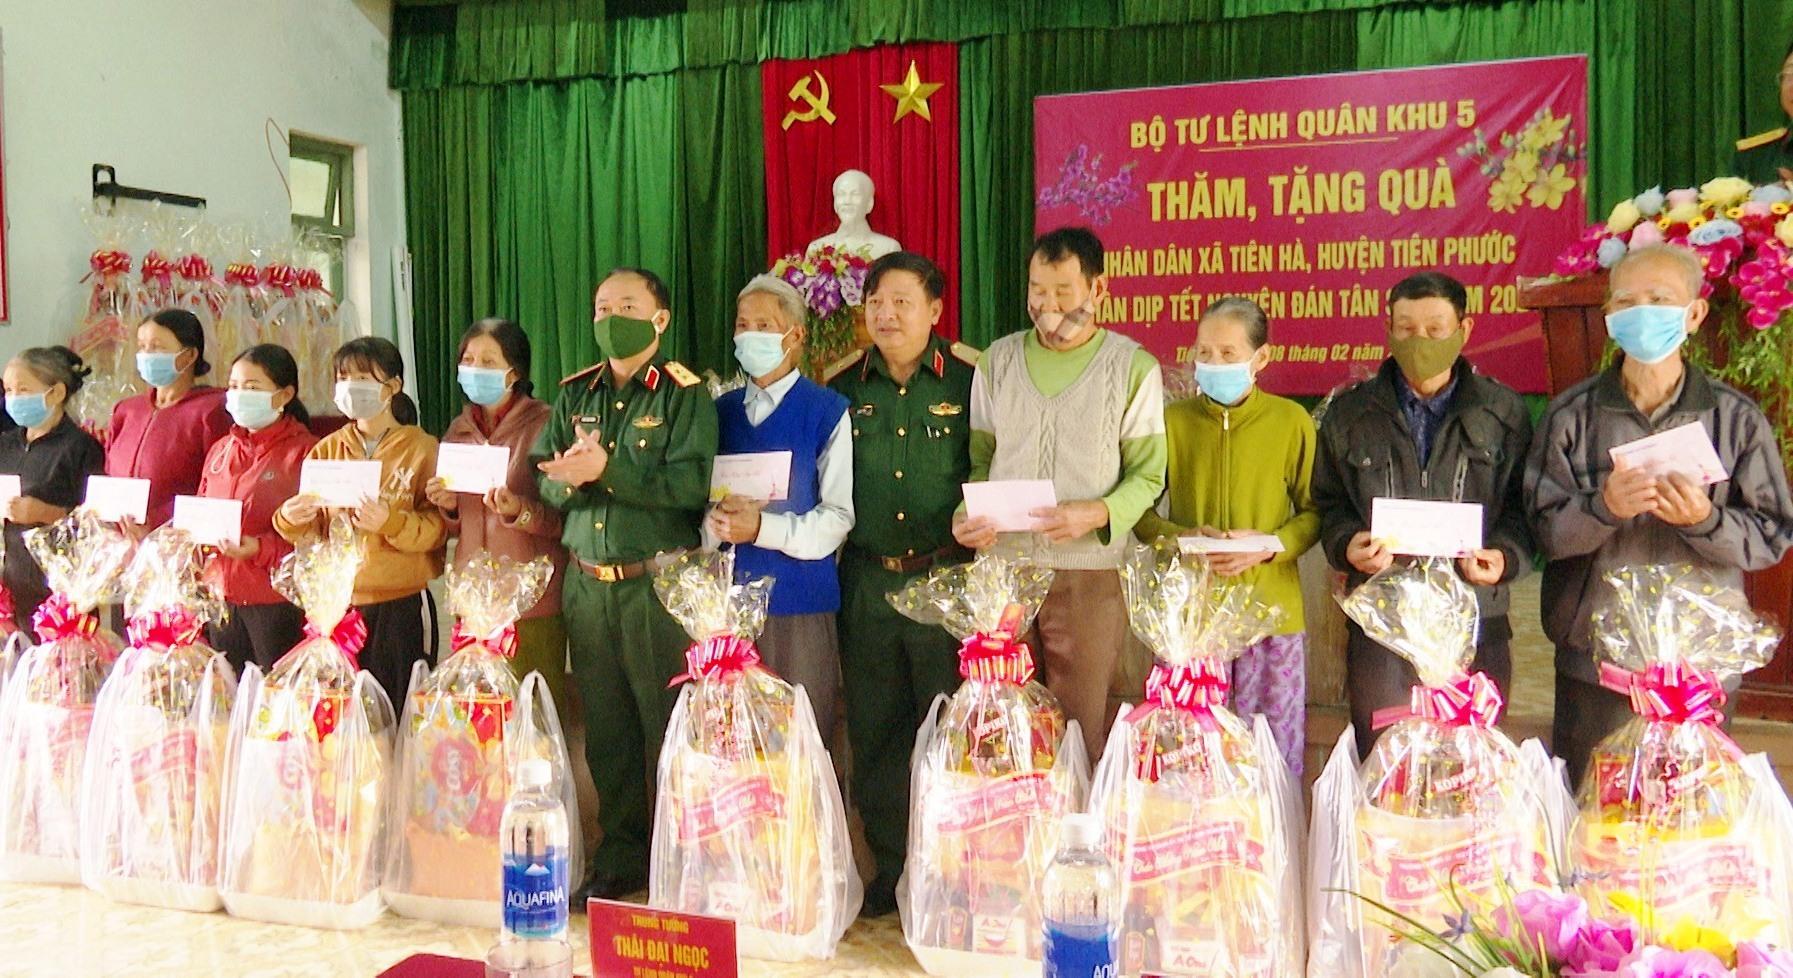 Bộ Tư lệnh Quân khu 5 tặng quà cho các gia đình chính sách trên địa bàn xã Tiên Hà.